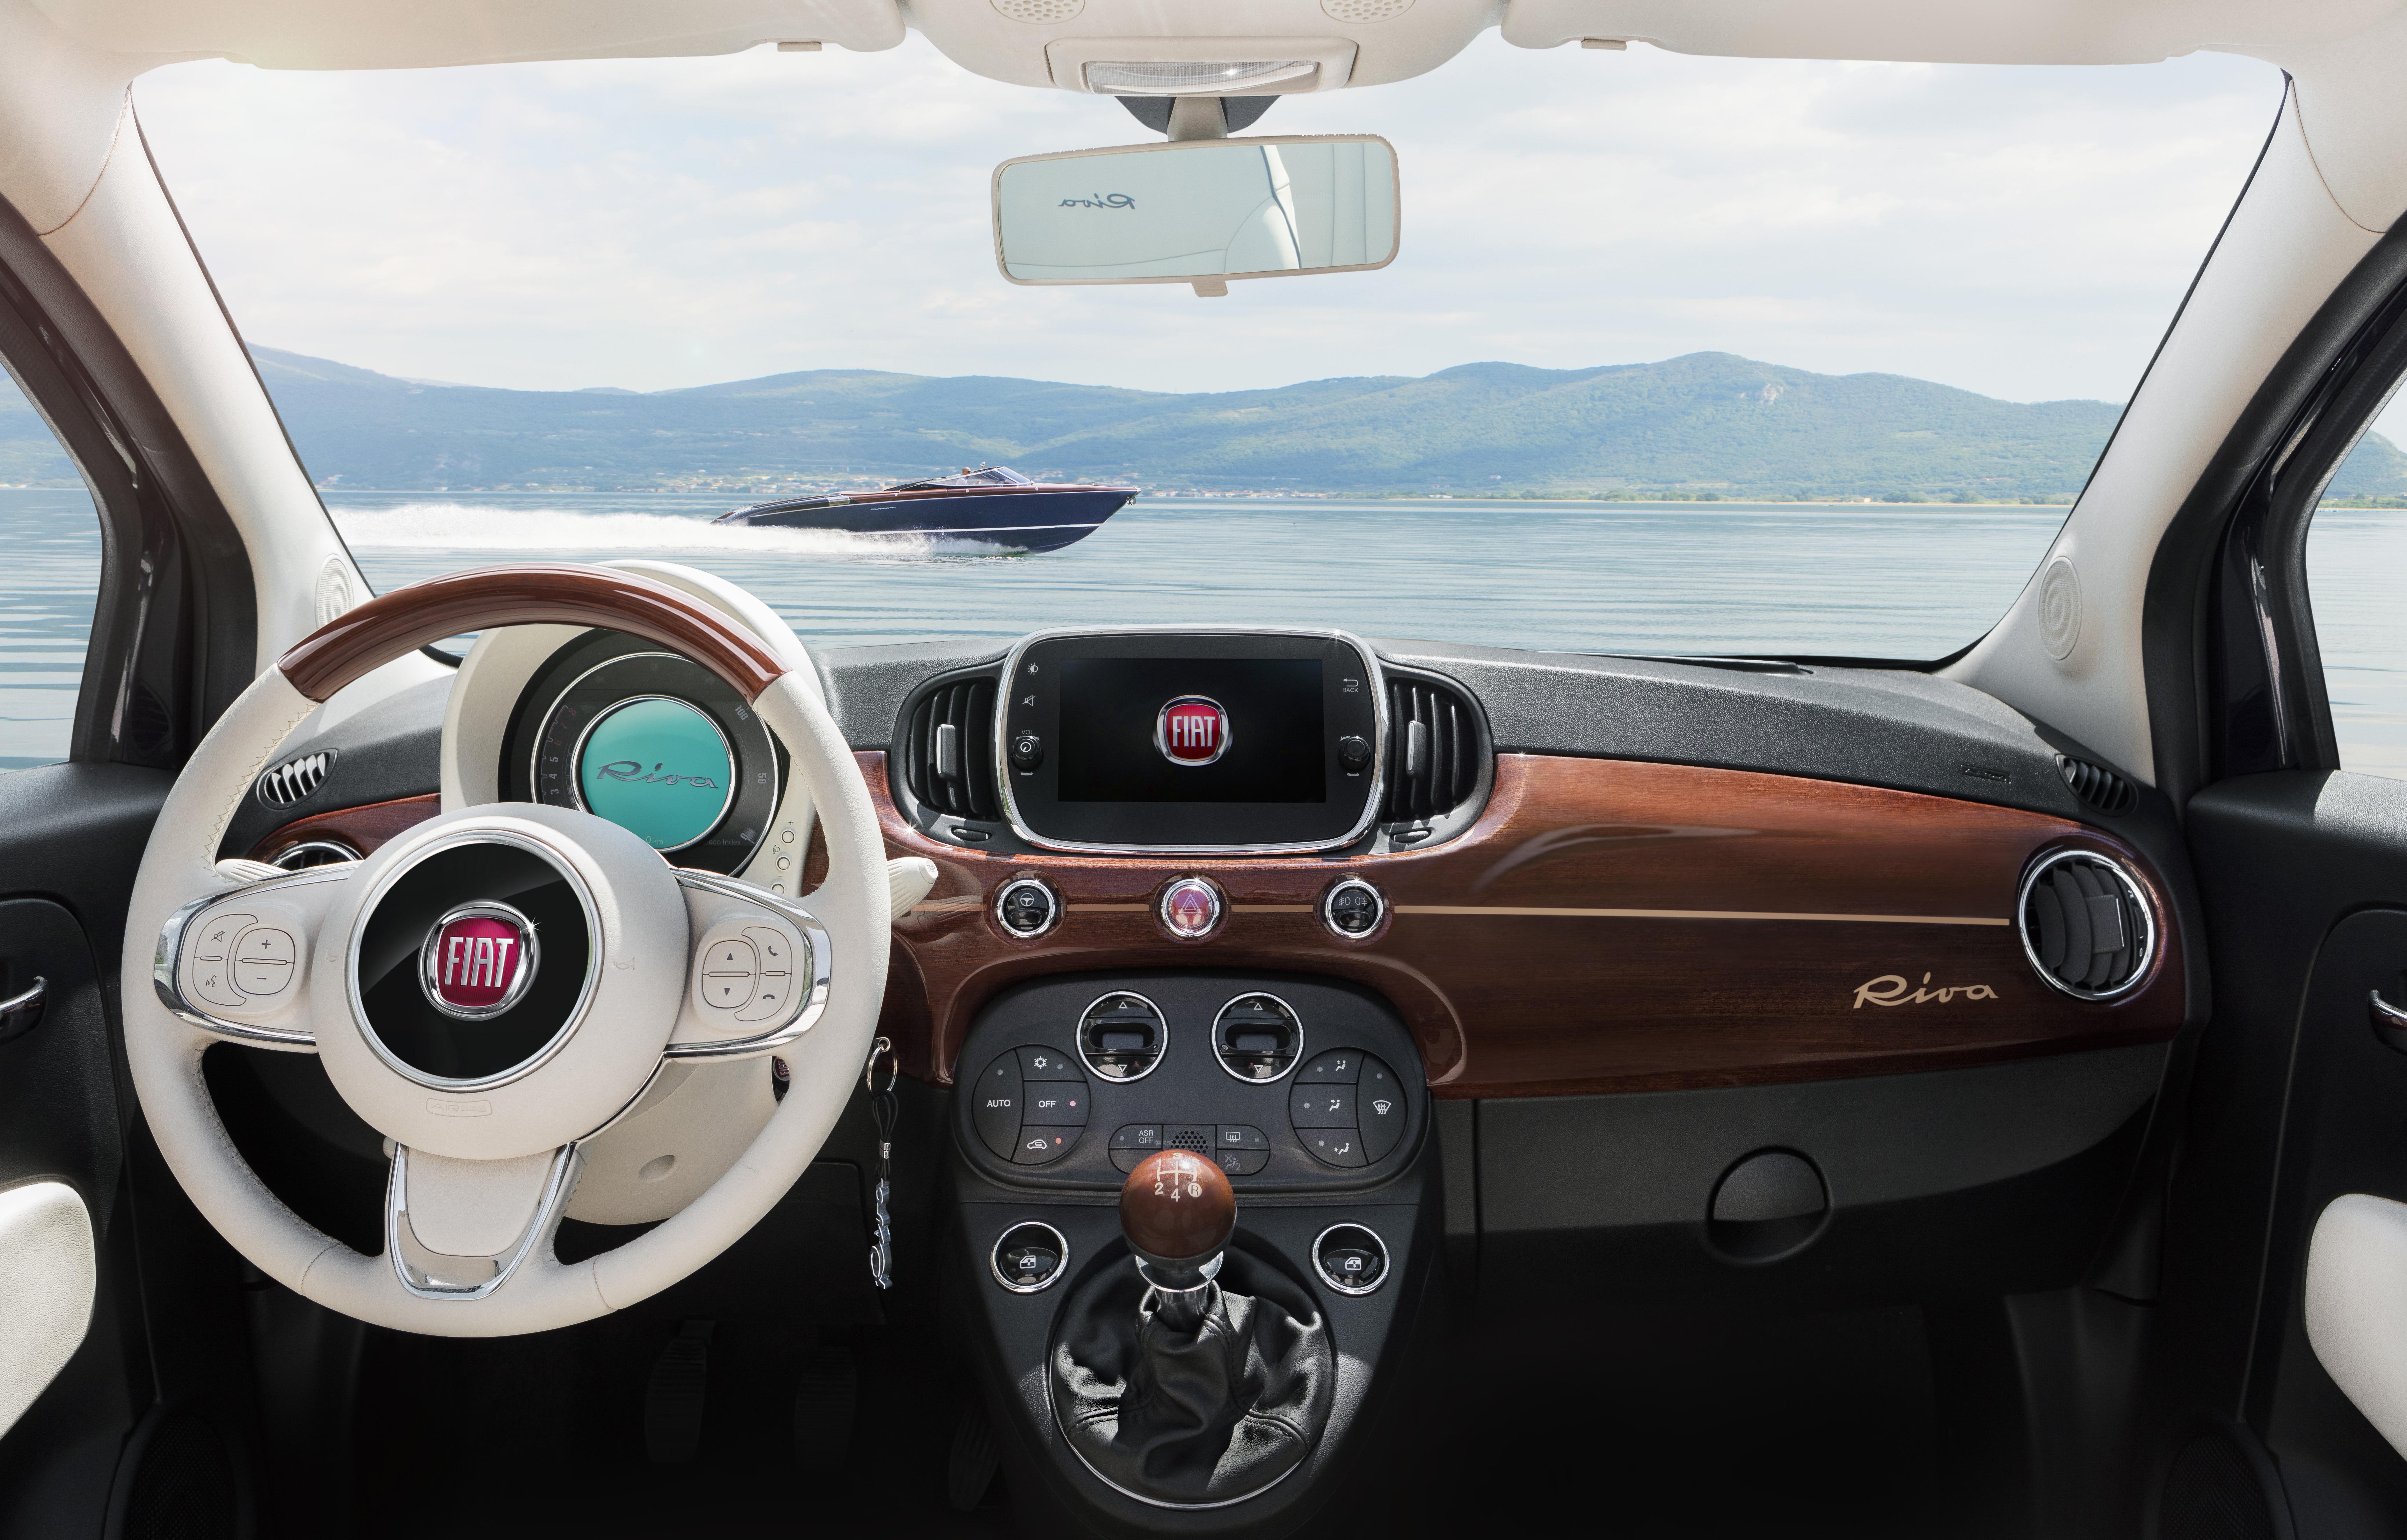 Fiat 500 Riva - Mahagoni und Ahornholz als Reminiszenz an die Kultboote